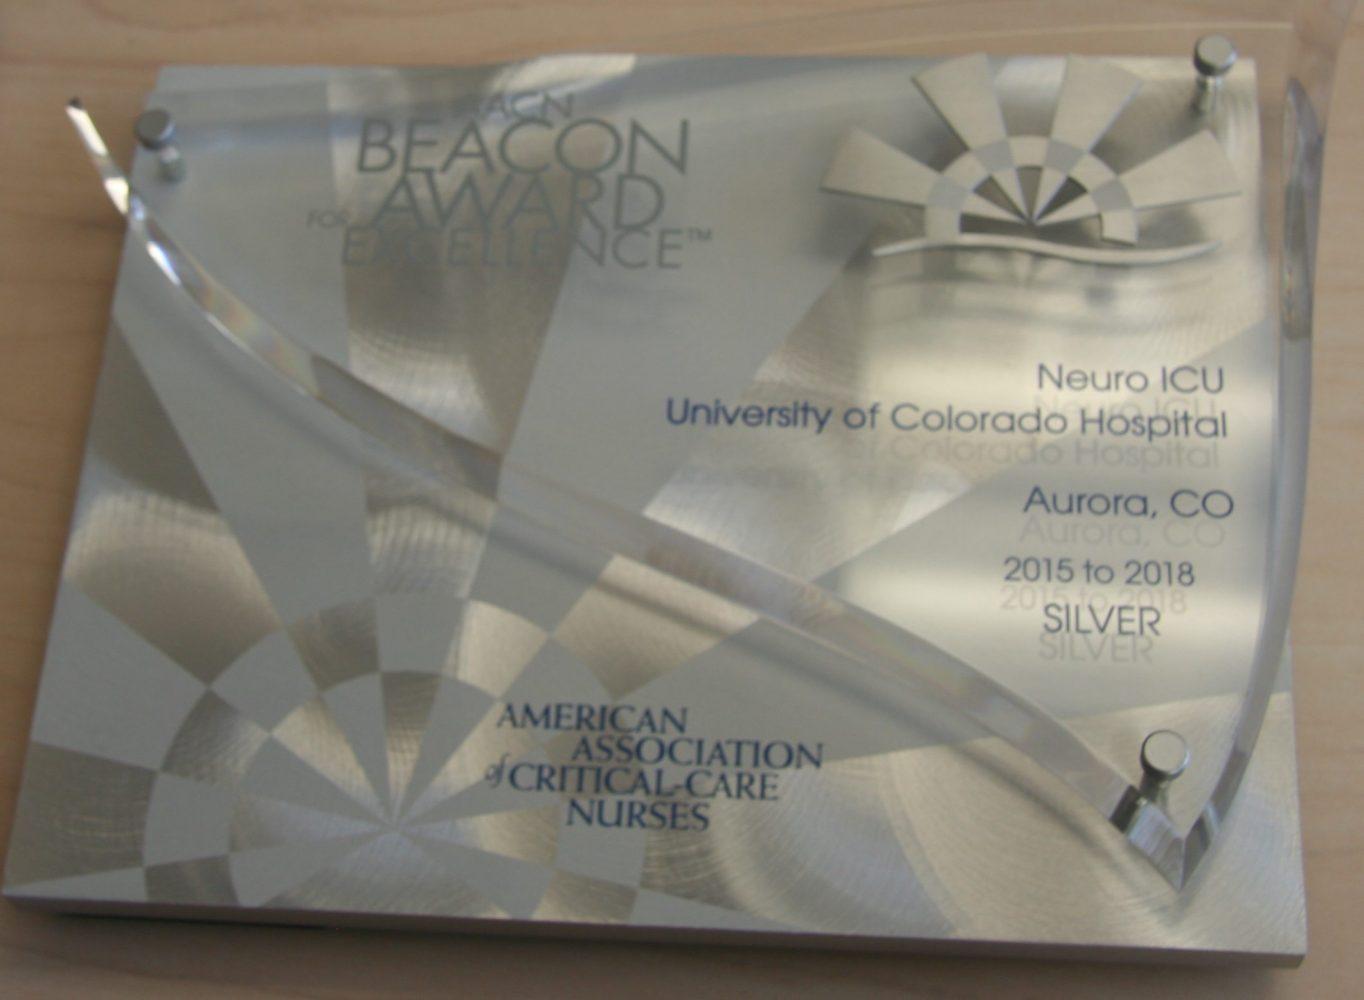 Beacon Award Plaque